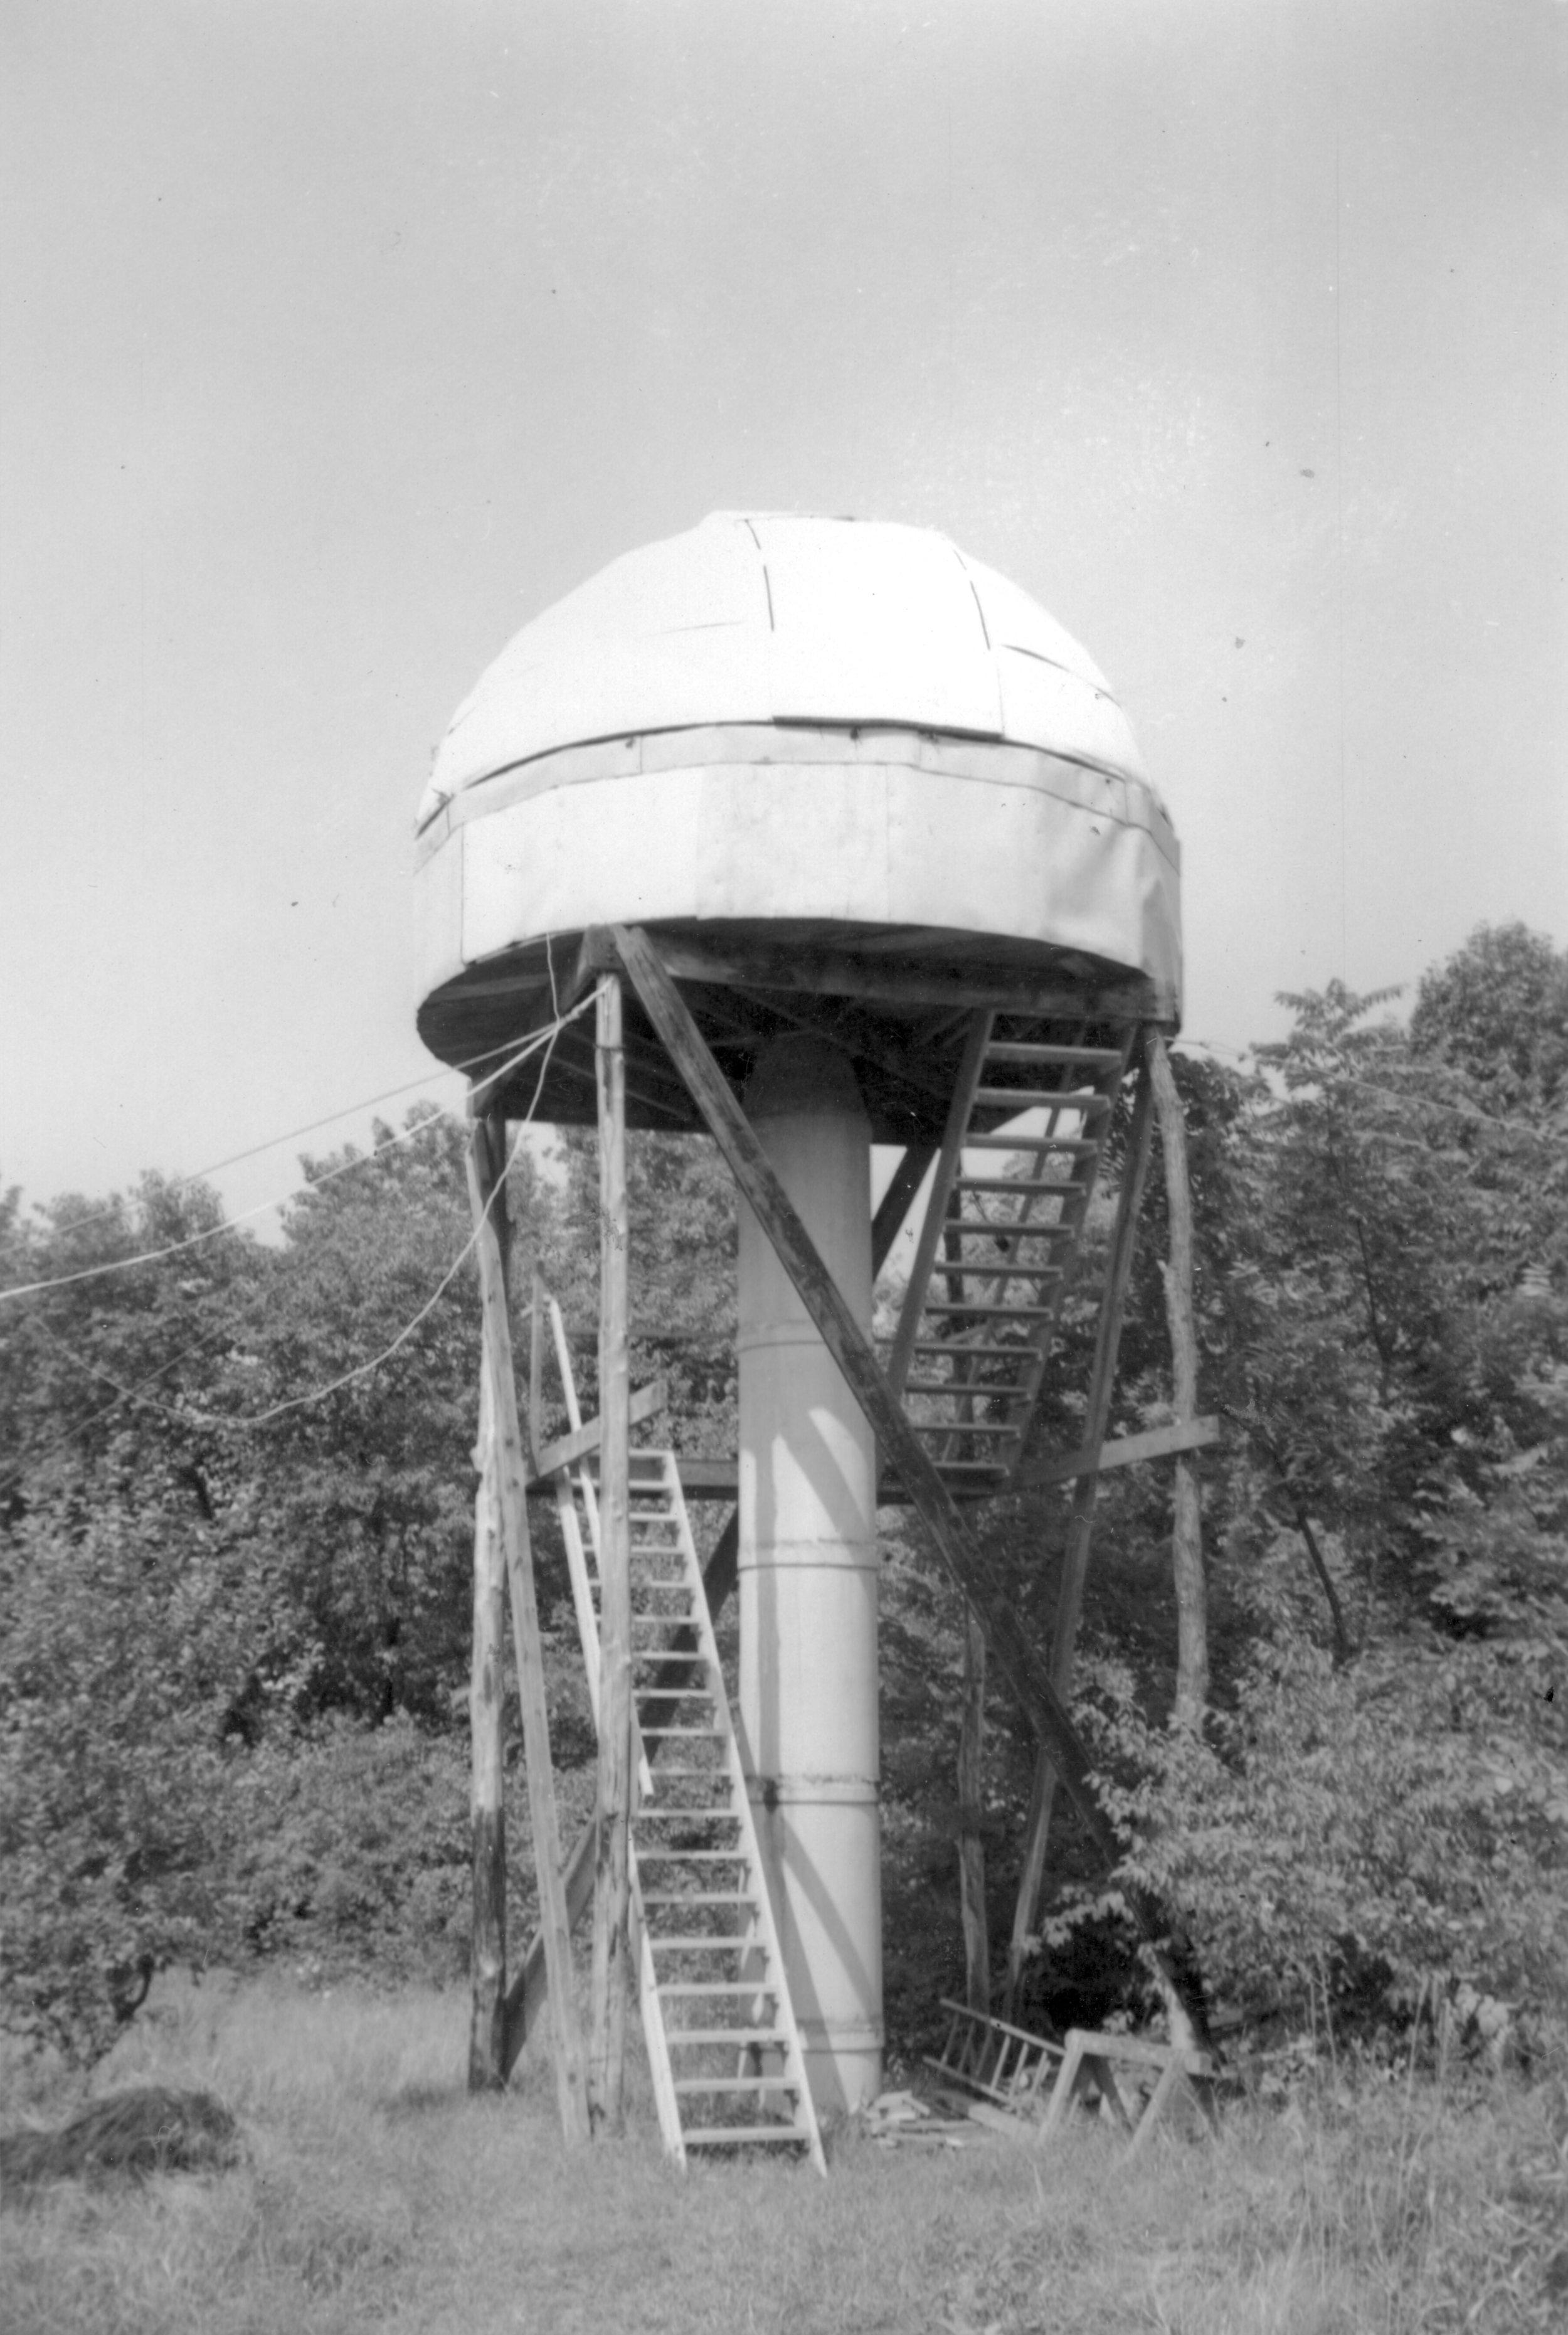 Incredible photo of Robert's telescope that he built in high school!